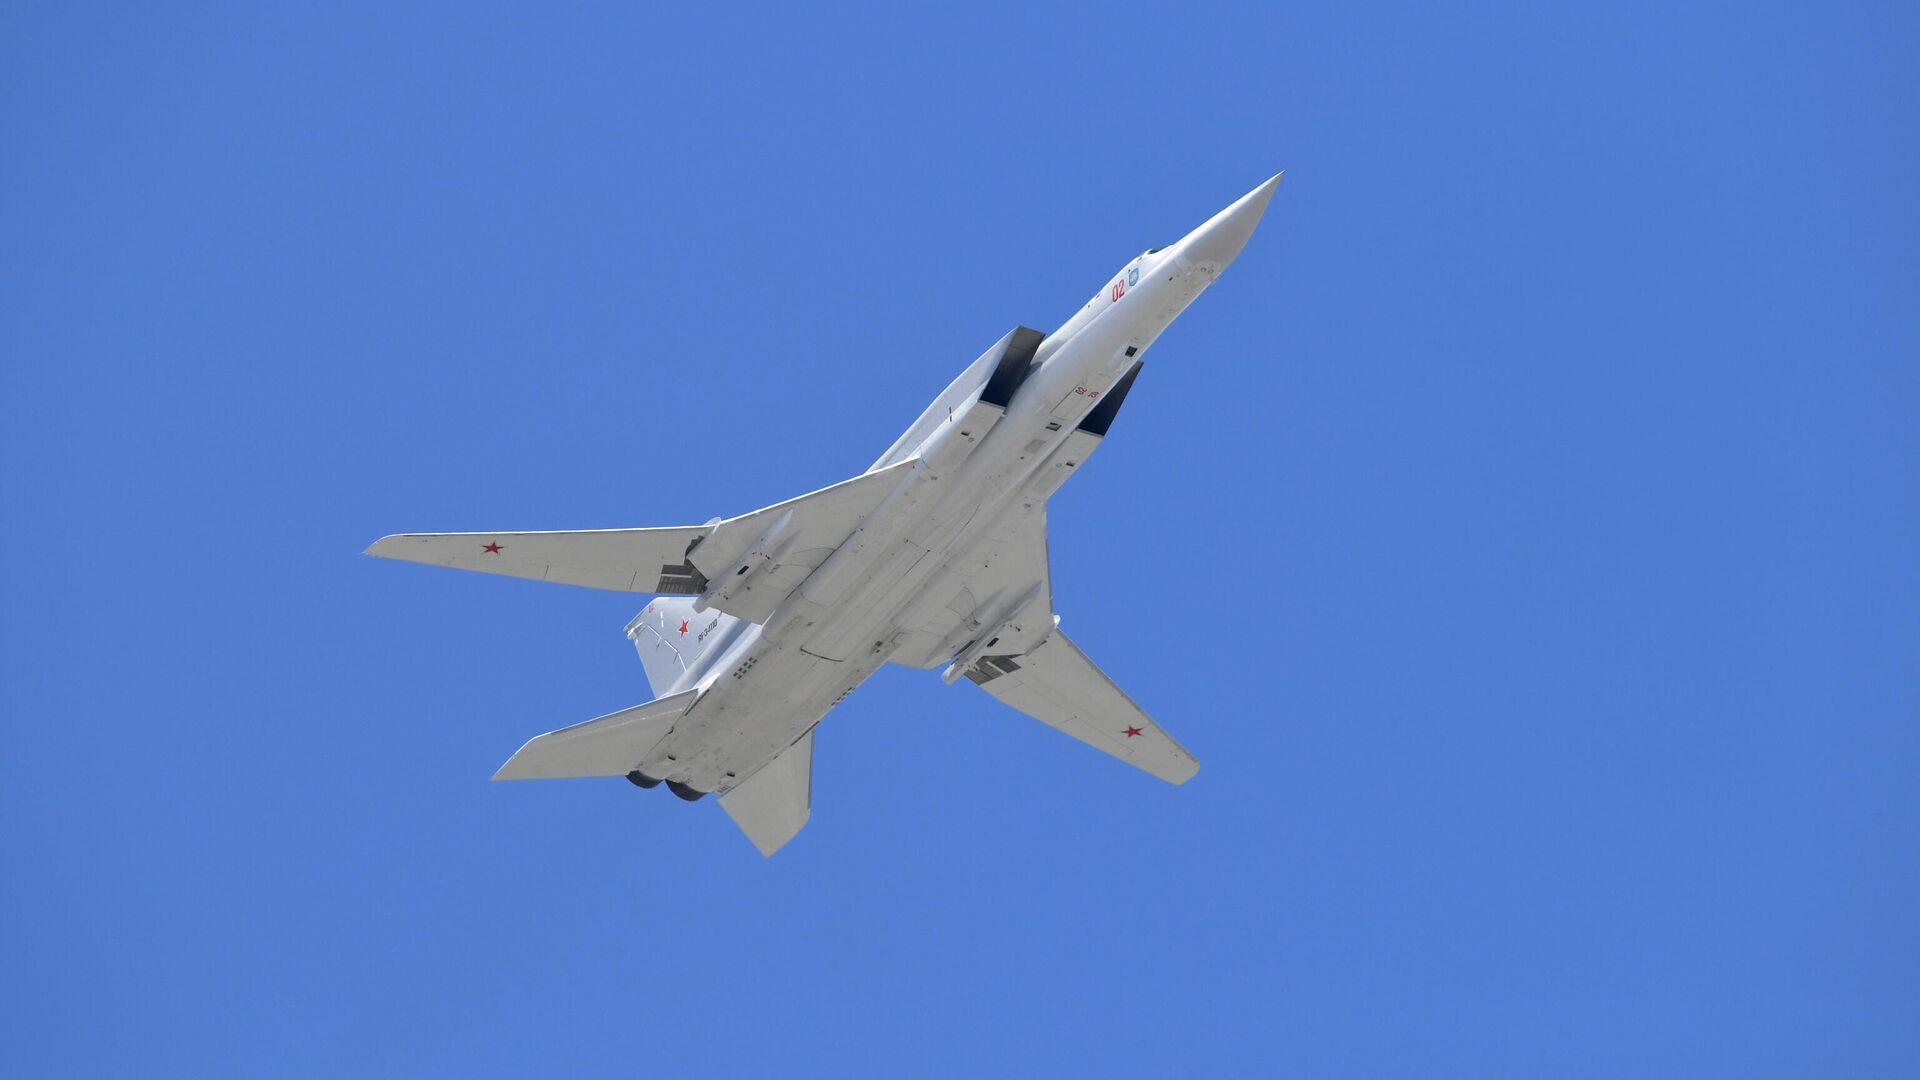 Дальний сверхзвуковой бомбардировщик-ракетоносец Ту-22М3 - Sputnik Таджикистан, 1920, 07.08.2021